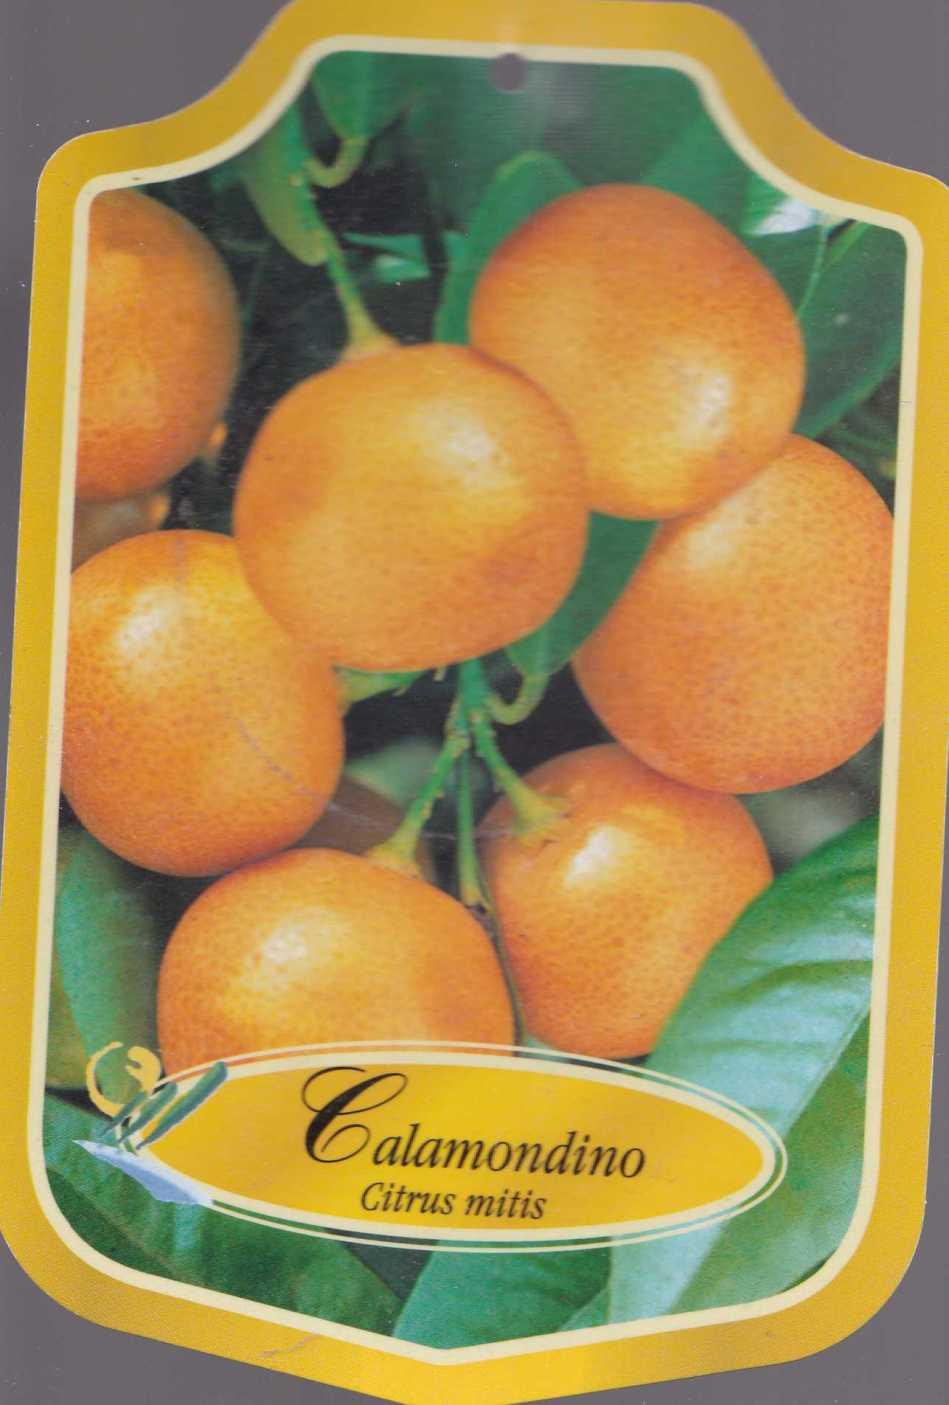 CALAMONDINO905